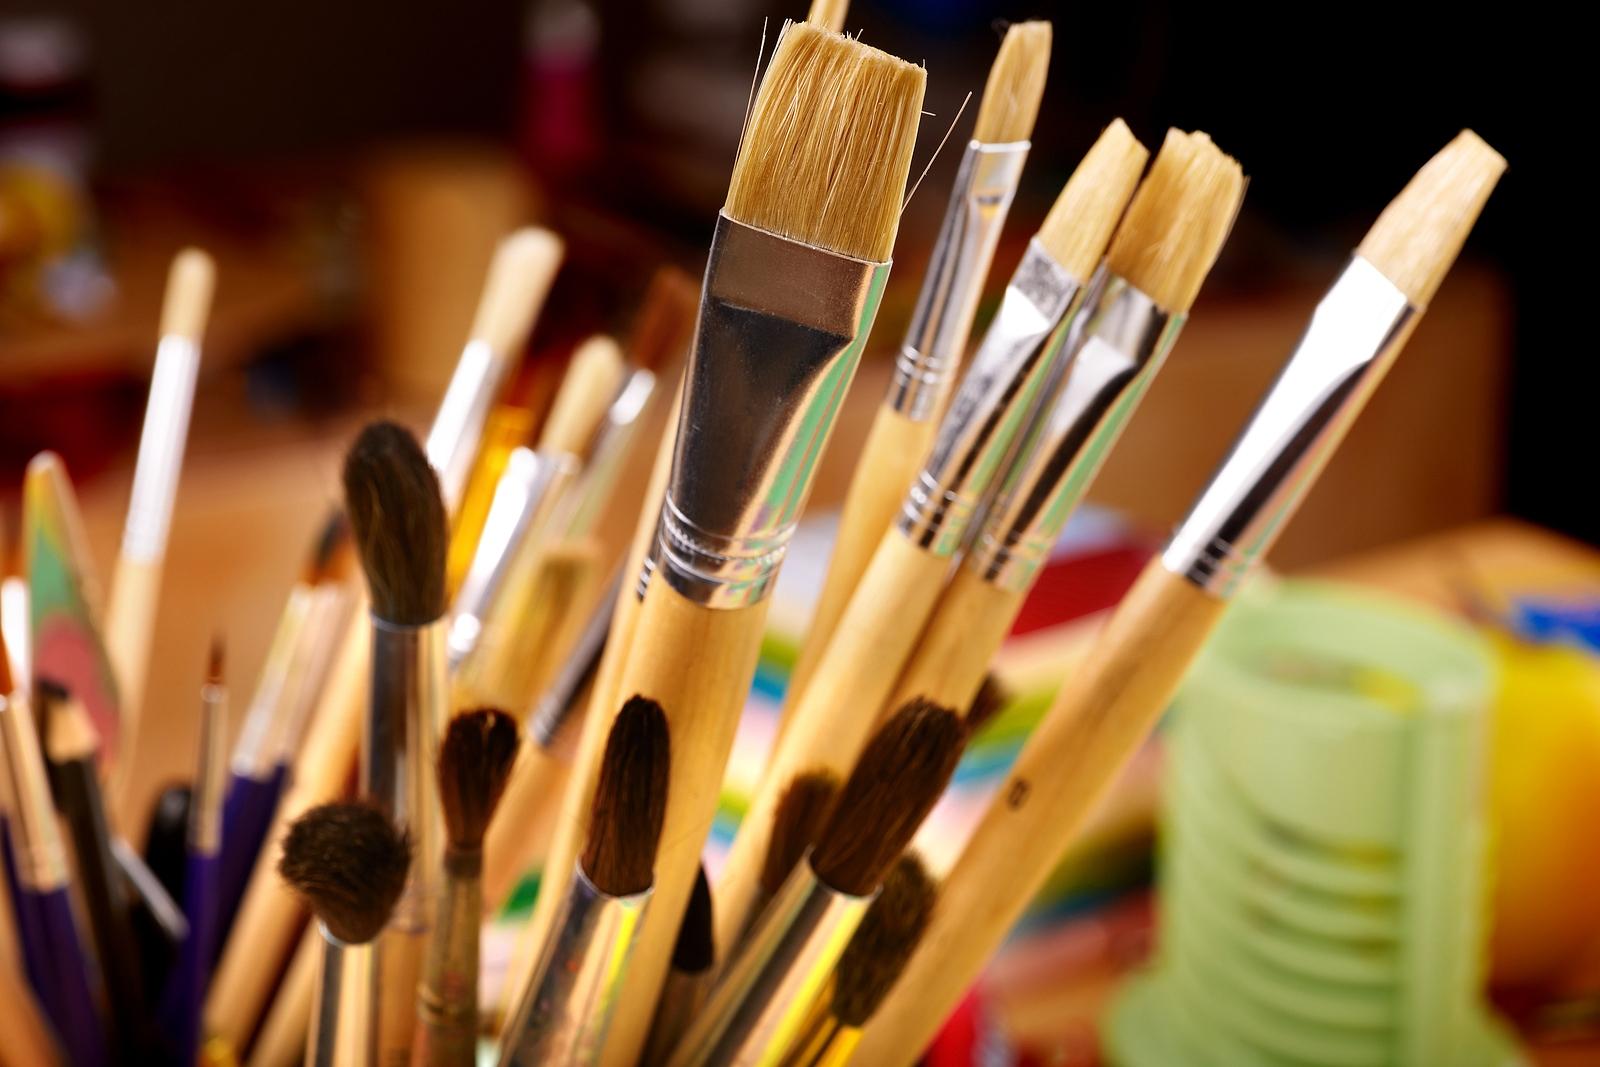 Storage for Art & Craft Supplies